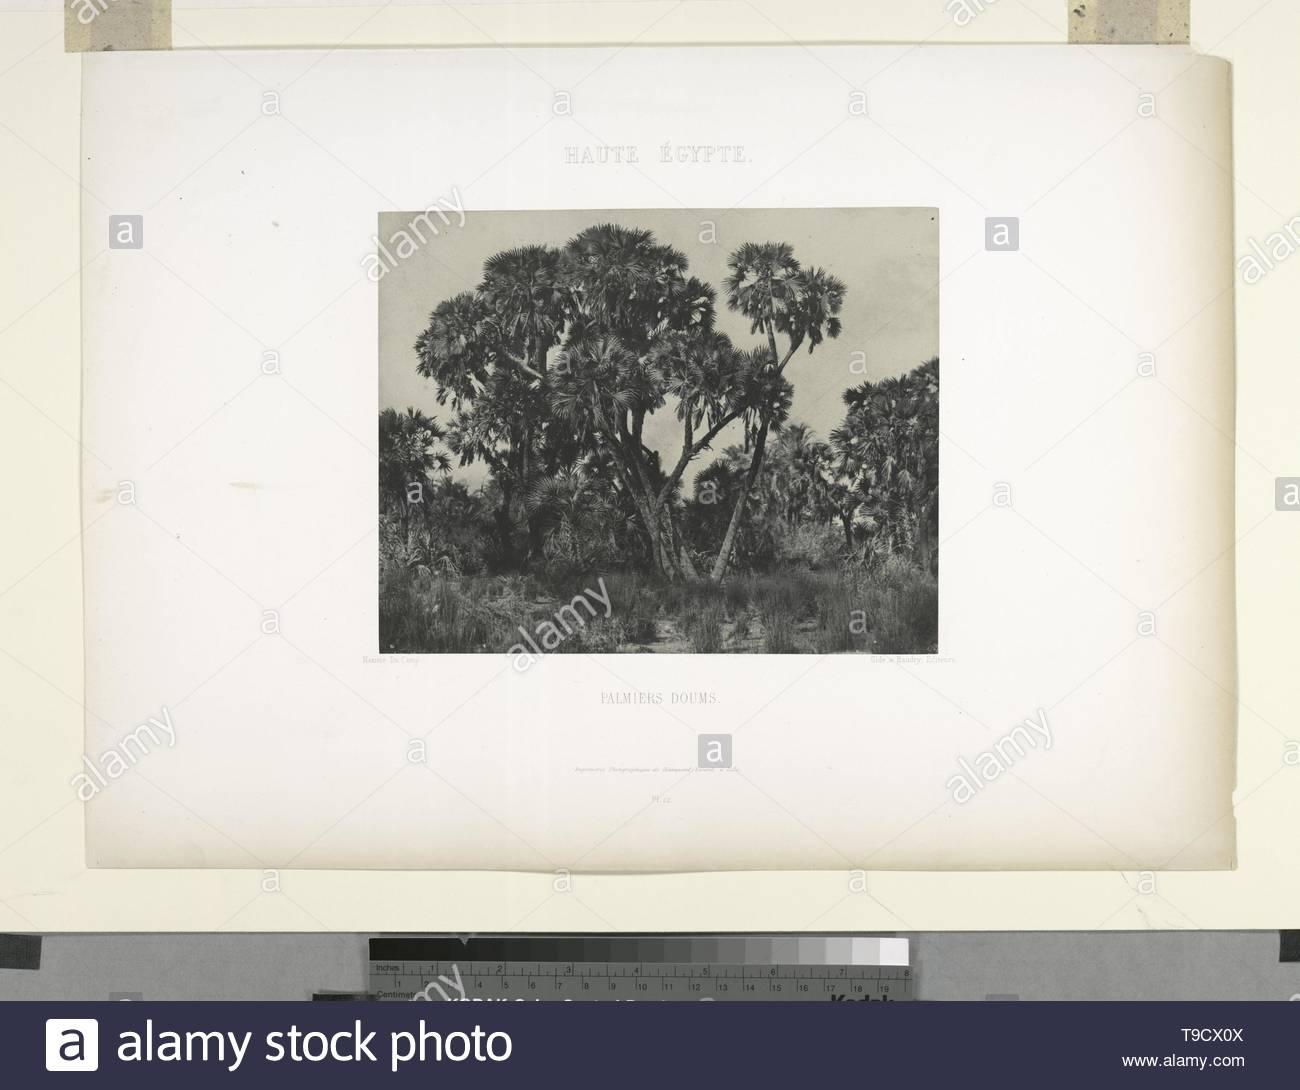 ImprimeriePhotographiquedeBlanquart-Evrard-Haute Égypte  Palmiers doums - Stock Image